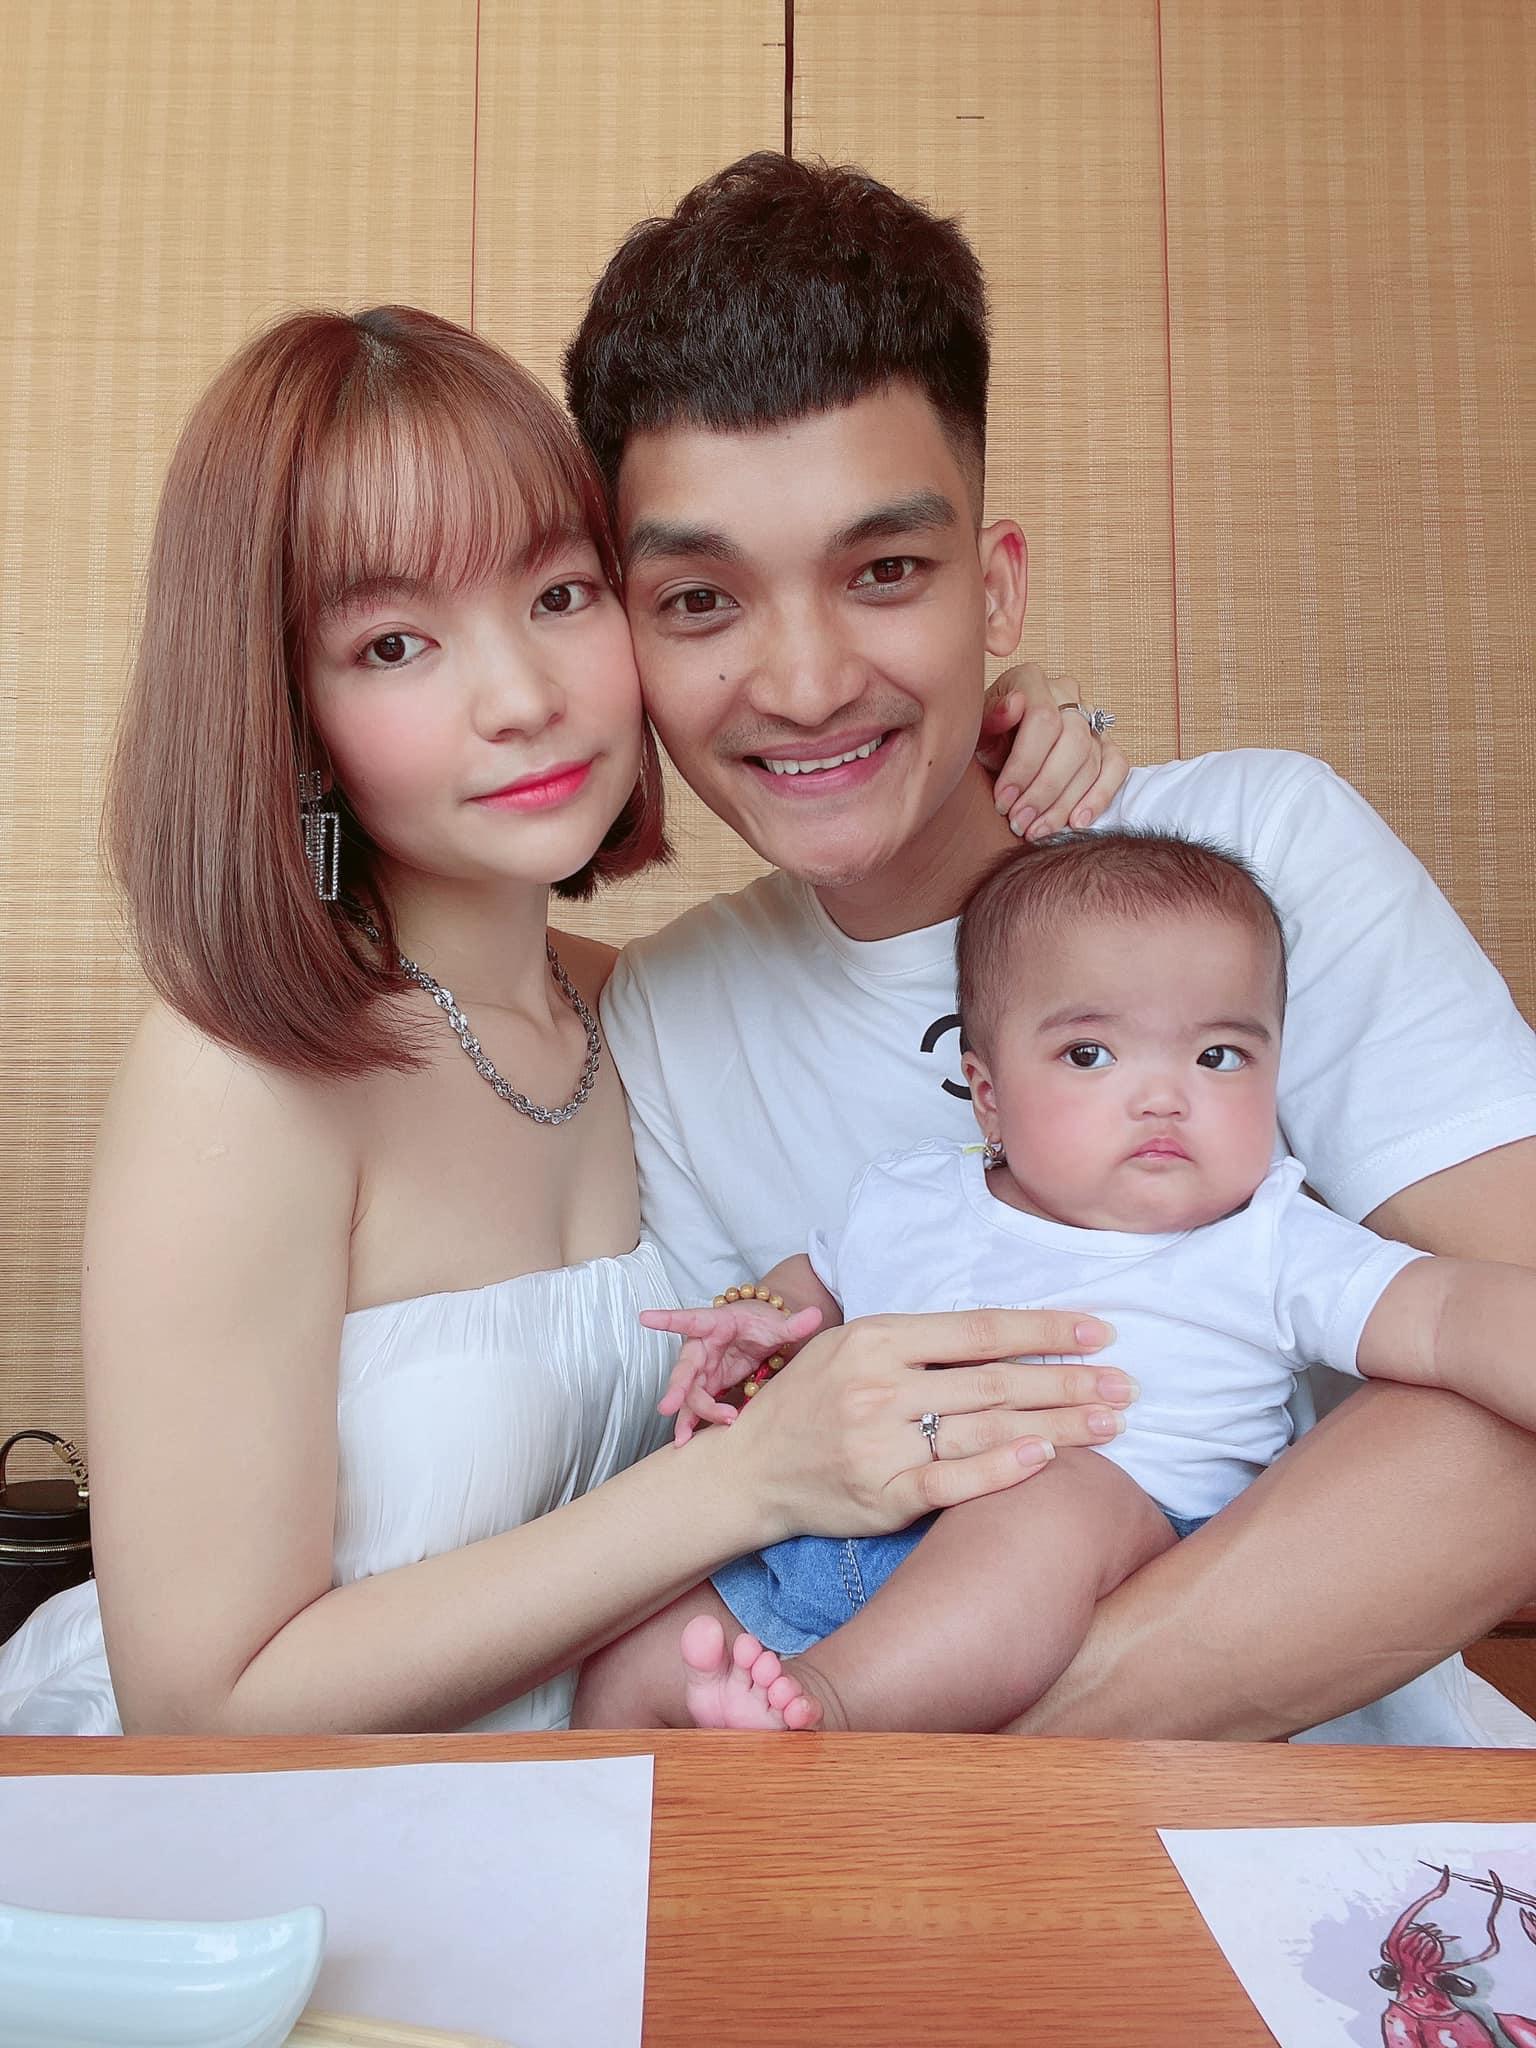 Vợ Mạc Văn Khoa treo thưởng nóng 20 triệu, vợ chồng Tuấn Hưng chi gấp 5 lần để truy tìm kẻ xấu - 1